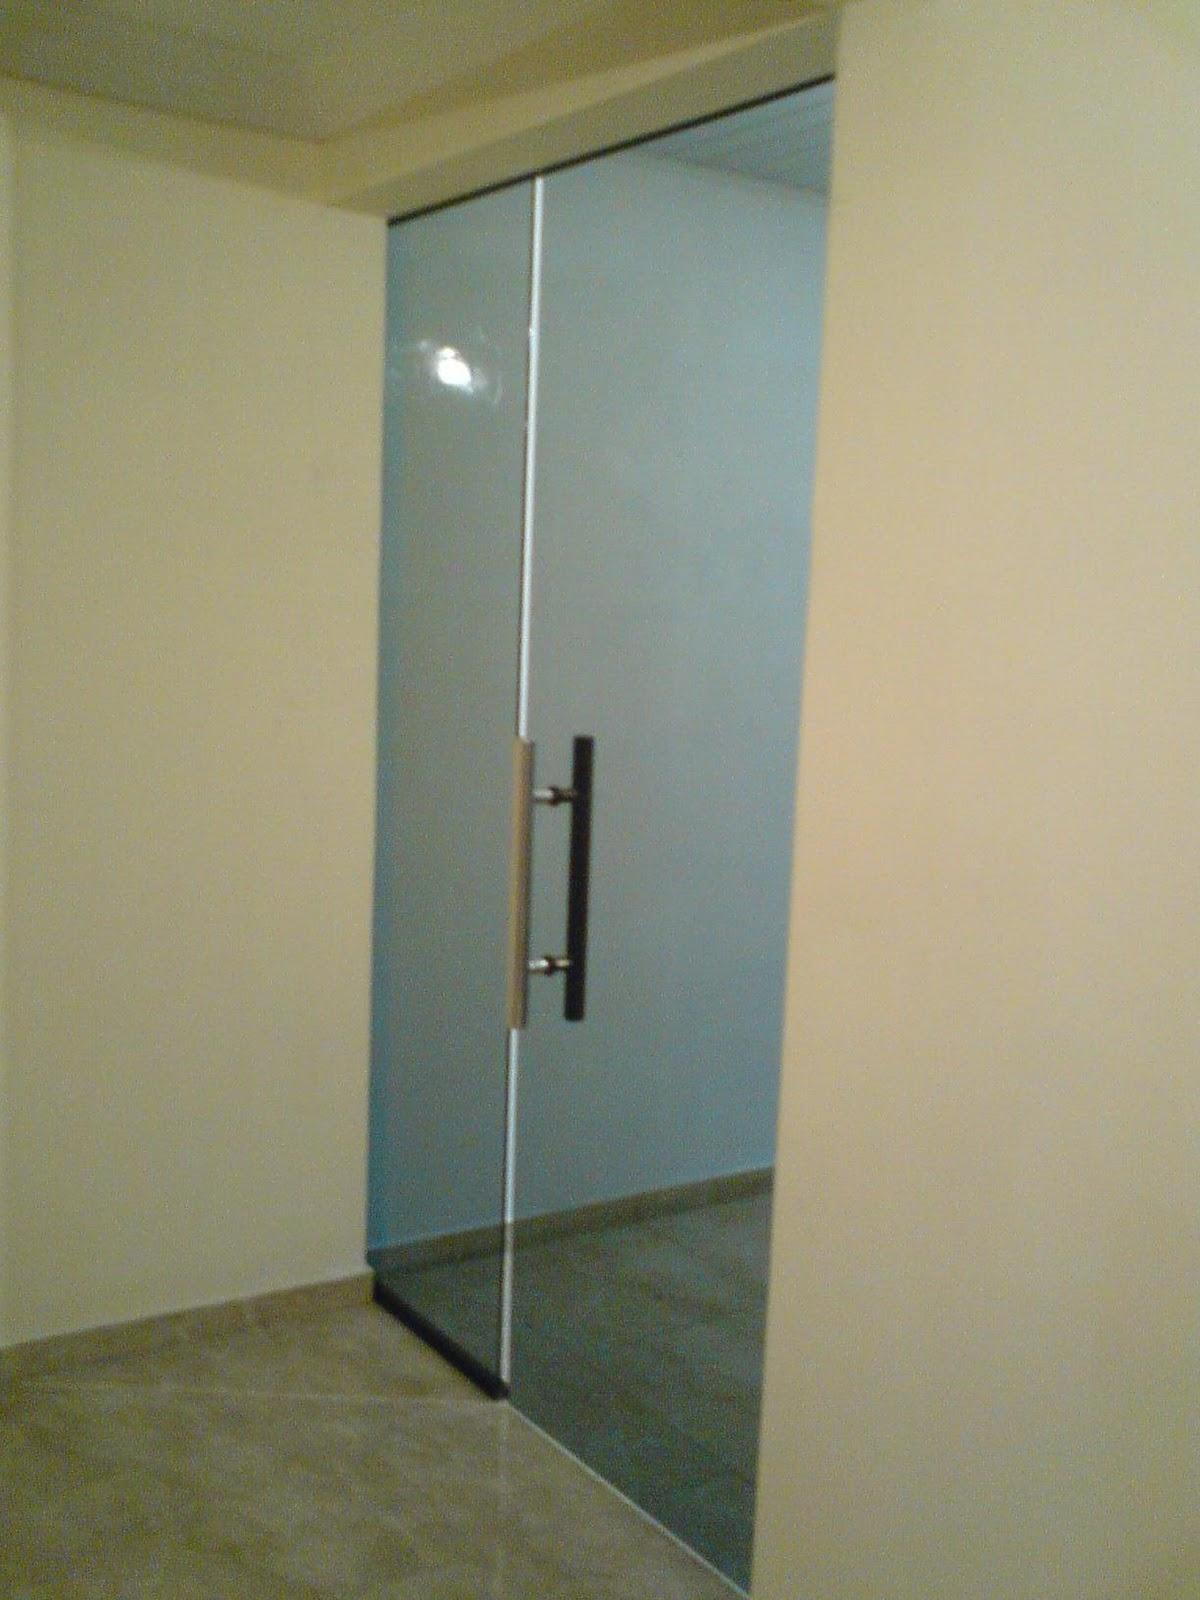 #7F724C Klein Vidraçaria e Esquadrias de Alumínio: Portas de vidro 8mm 4414 Janela Aluminio Maxim Ar Serie 25